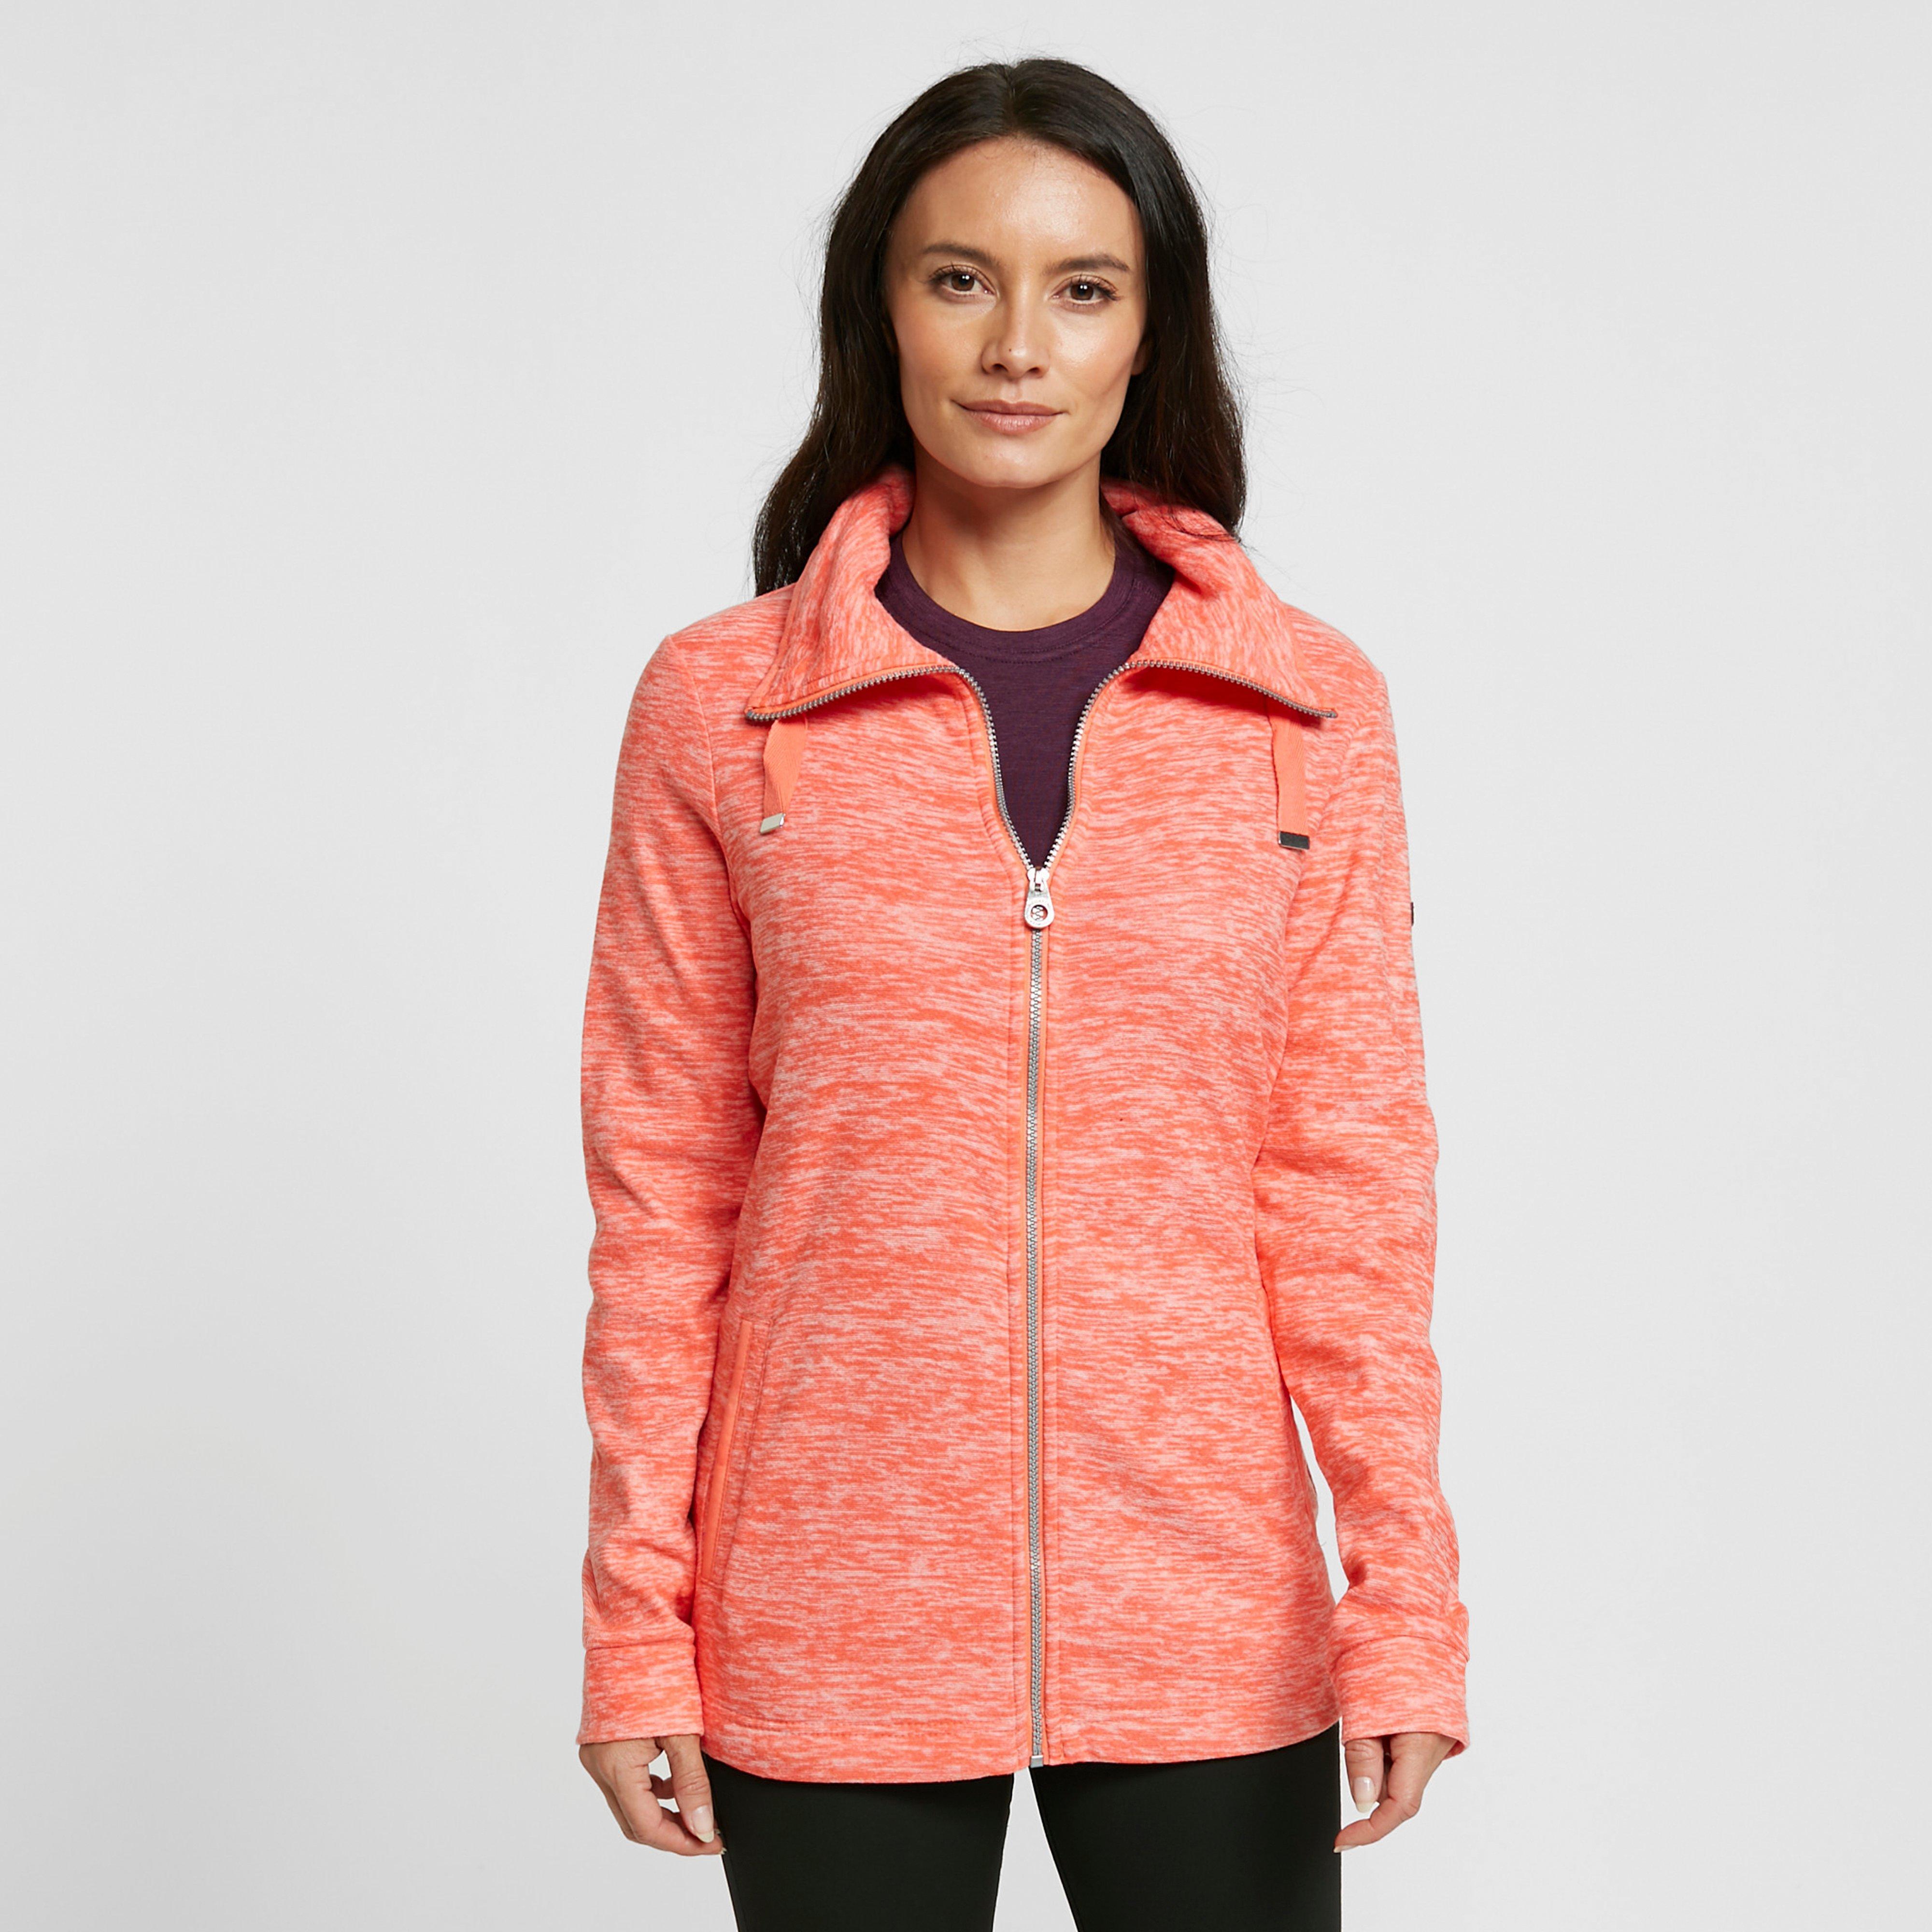 Regatta Women's Evanna Fleece - Pink/Coral, Pink/Coral